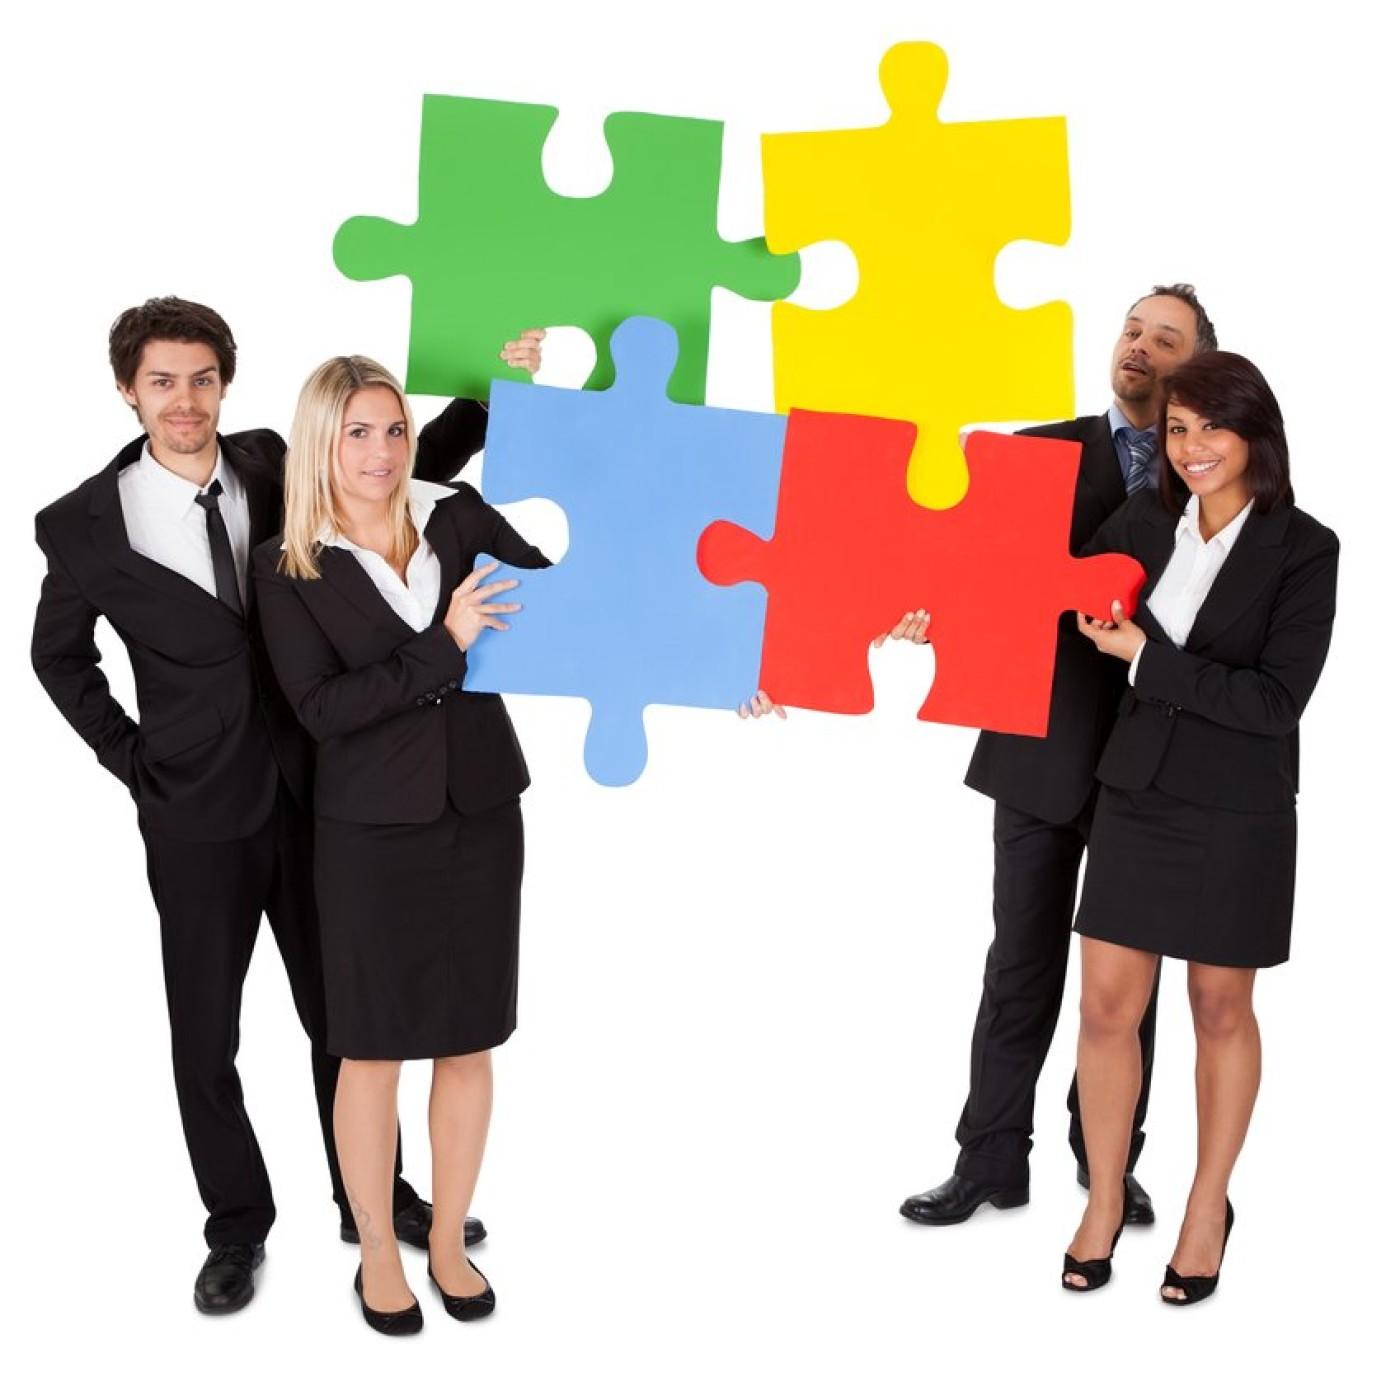 Les travaux de groupe comme stratégie d'enseignement